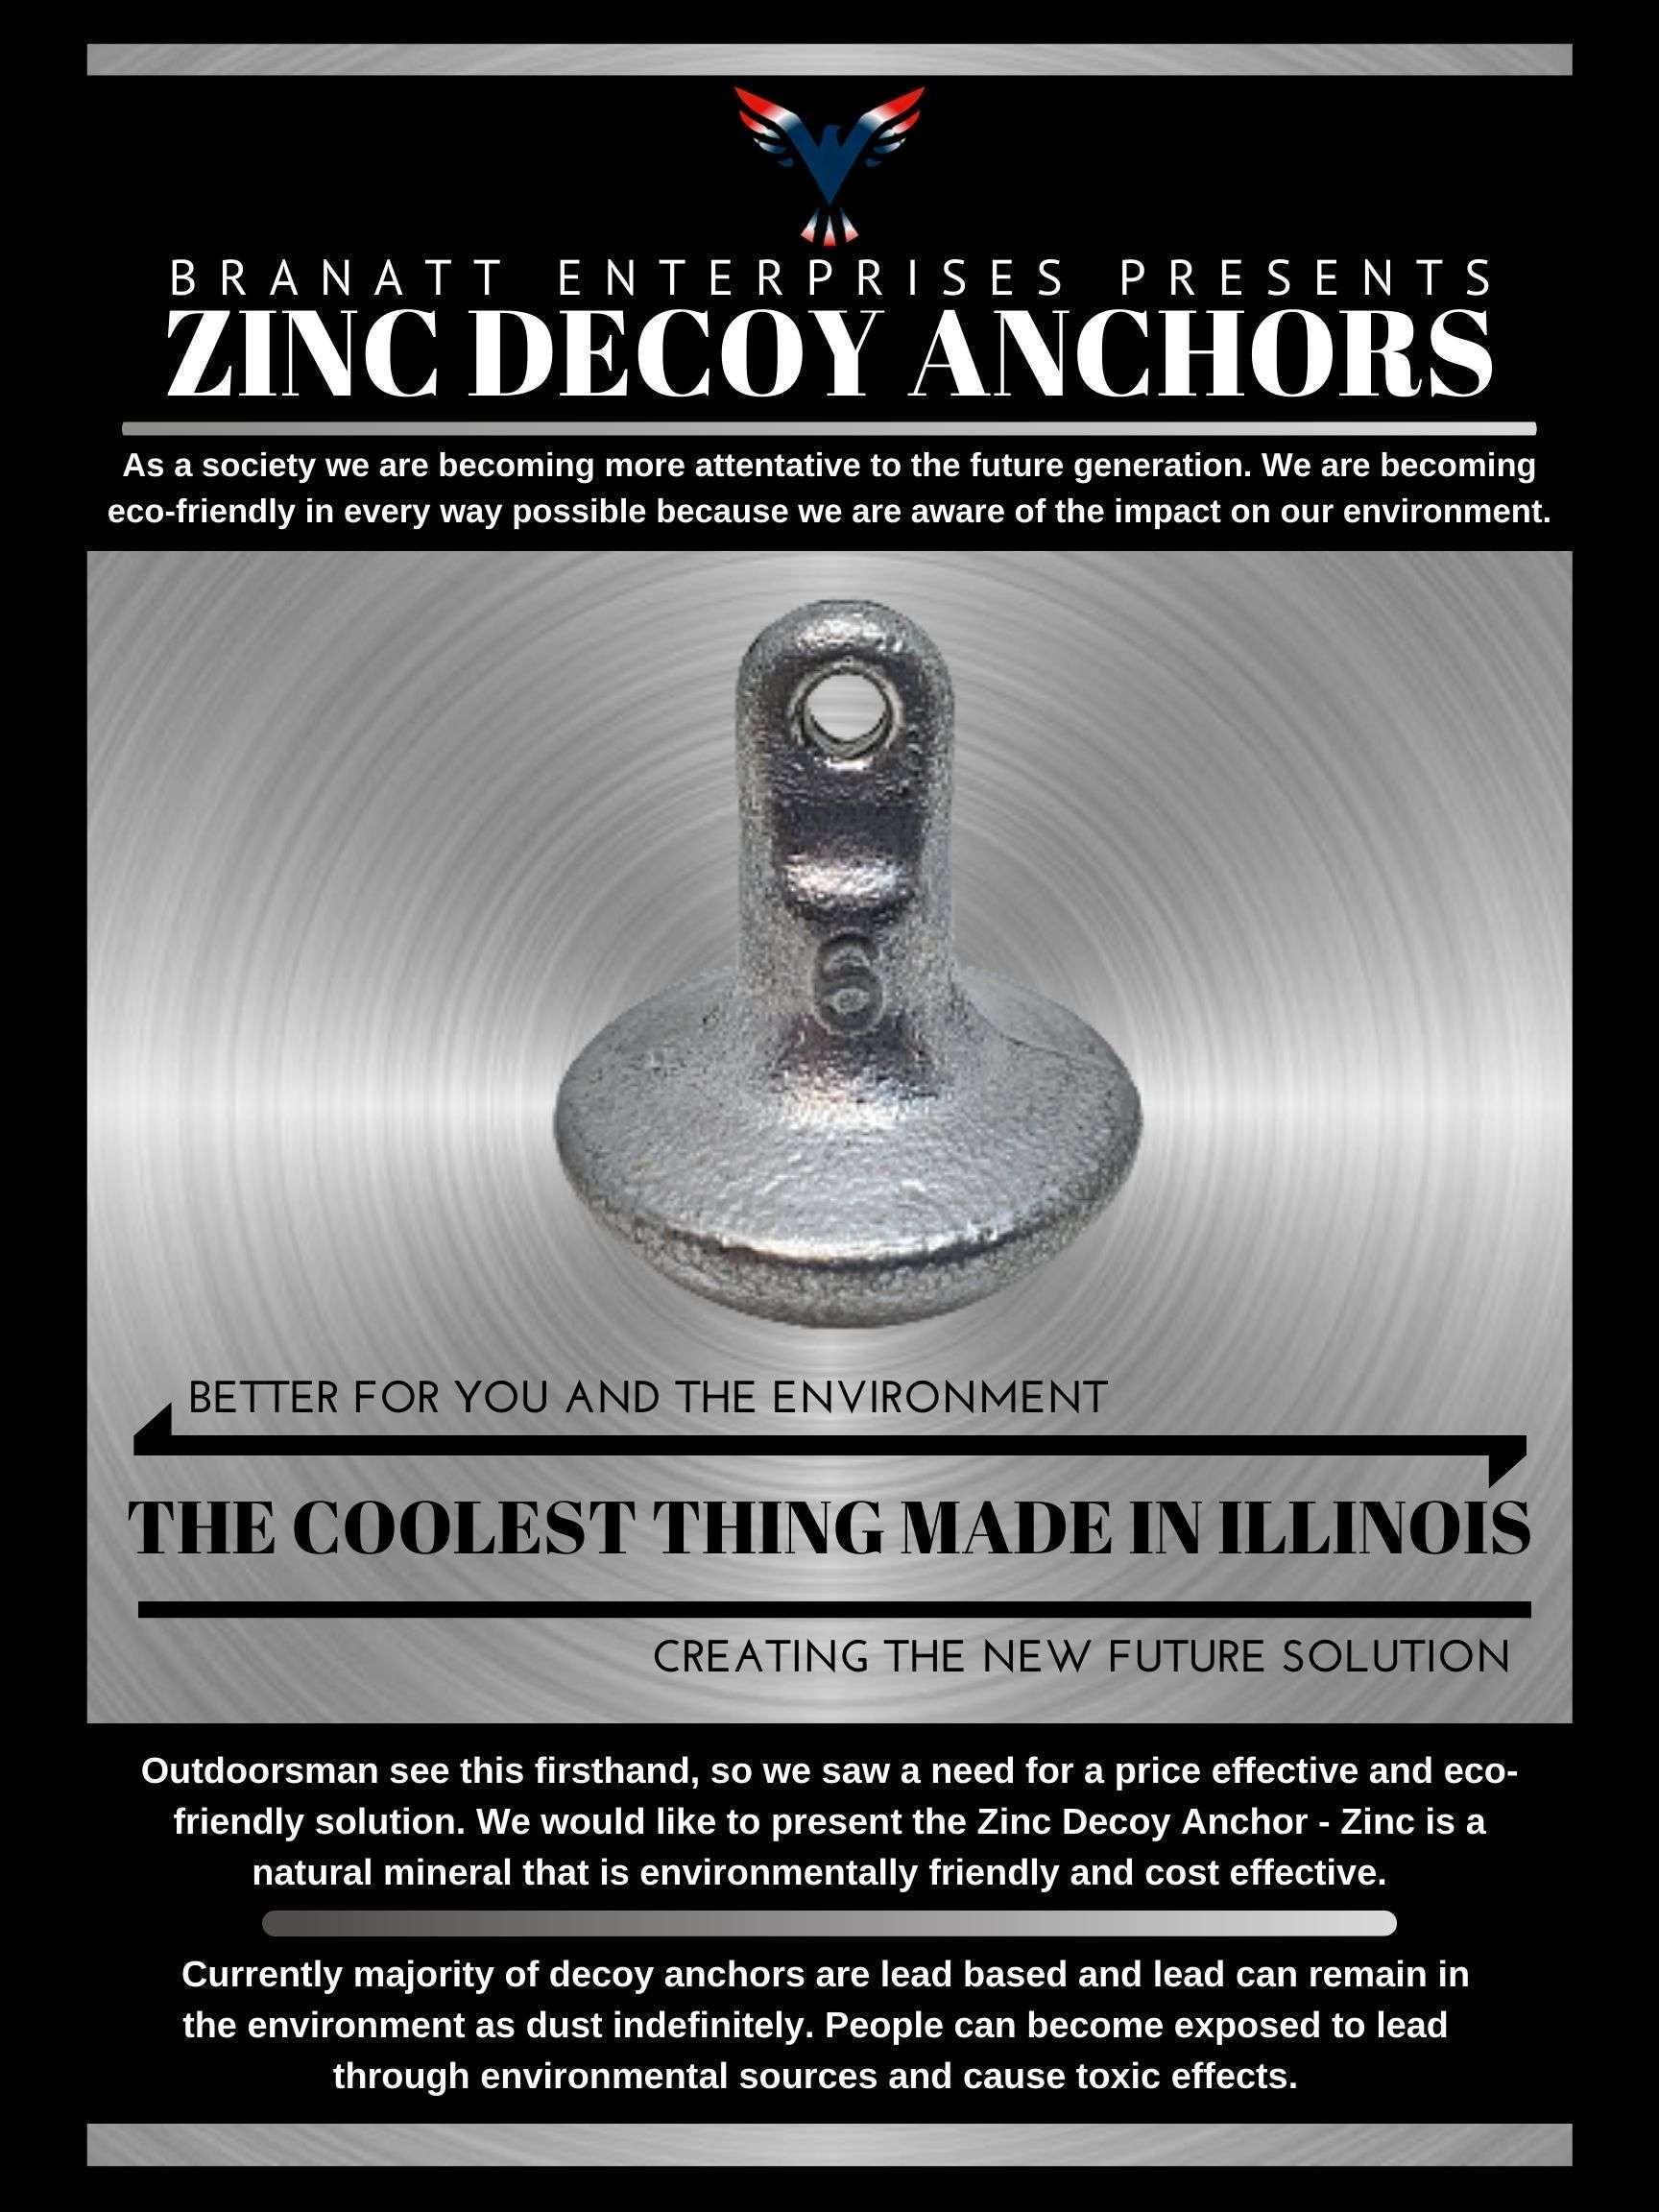 decoy anchor